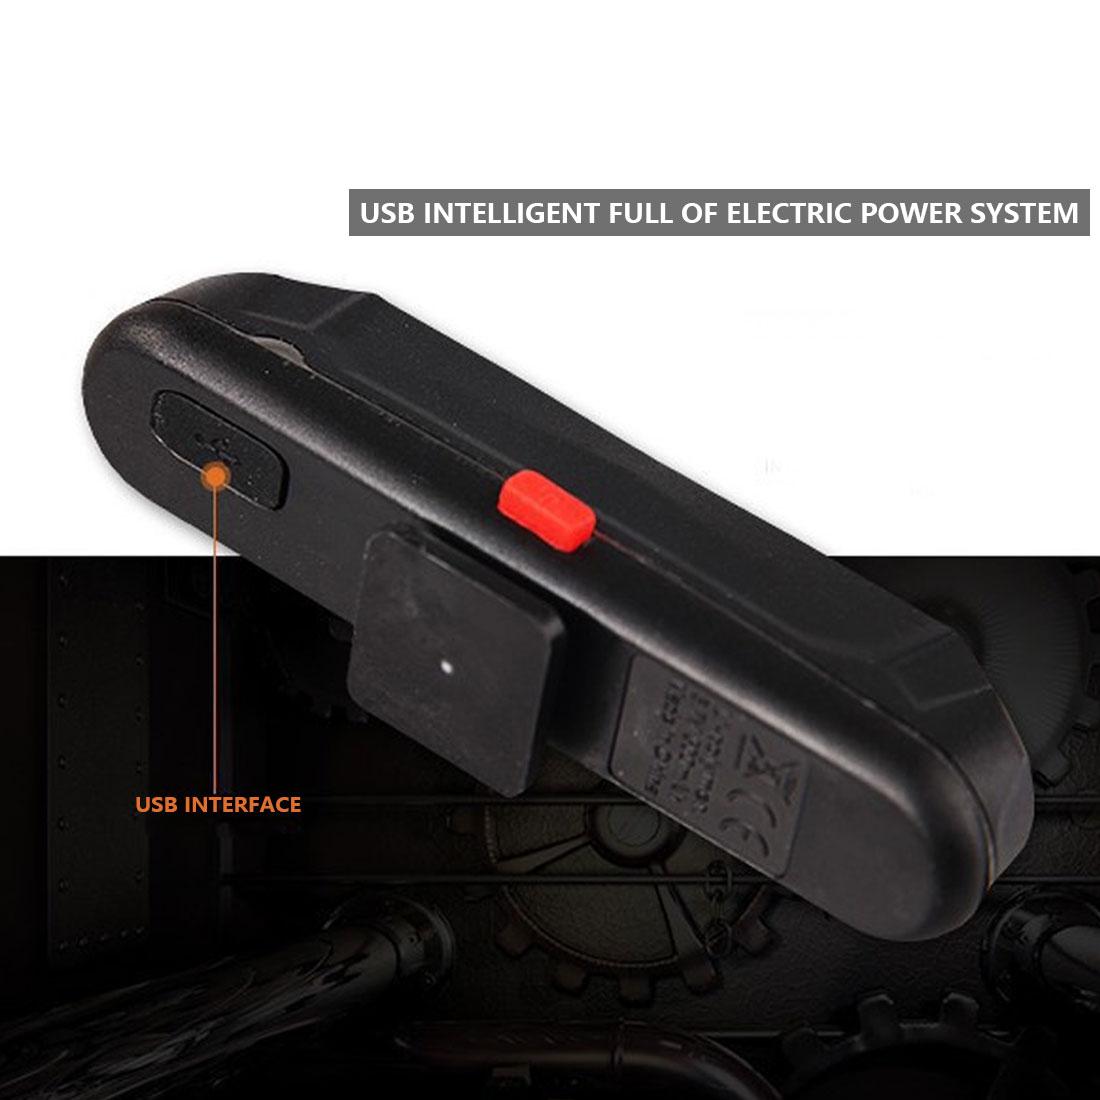 Хит продаж, 100 люменов, перезаряжаемый COB LED USB, задний фонарь для горного велосипеда, задний фонарь, предупреждающий, велосипедный задний фон...